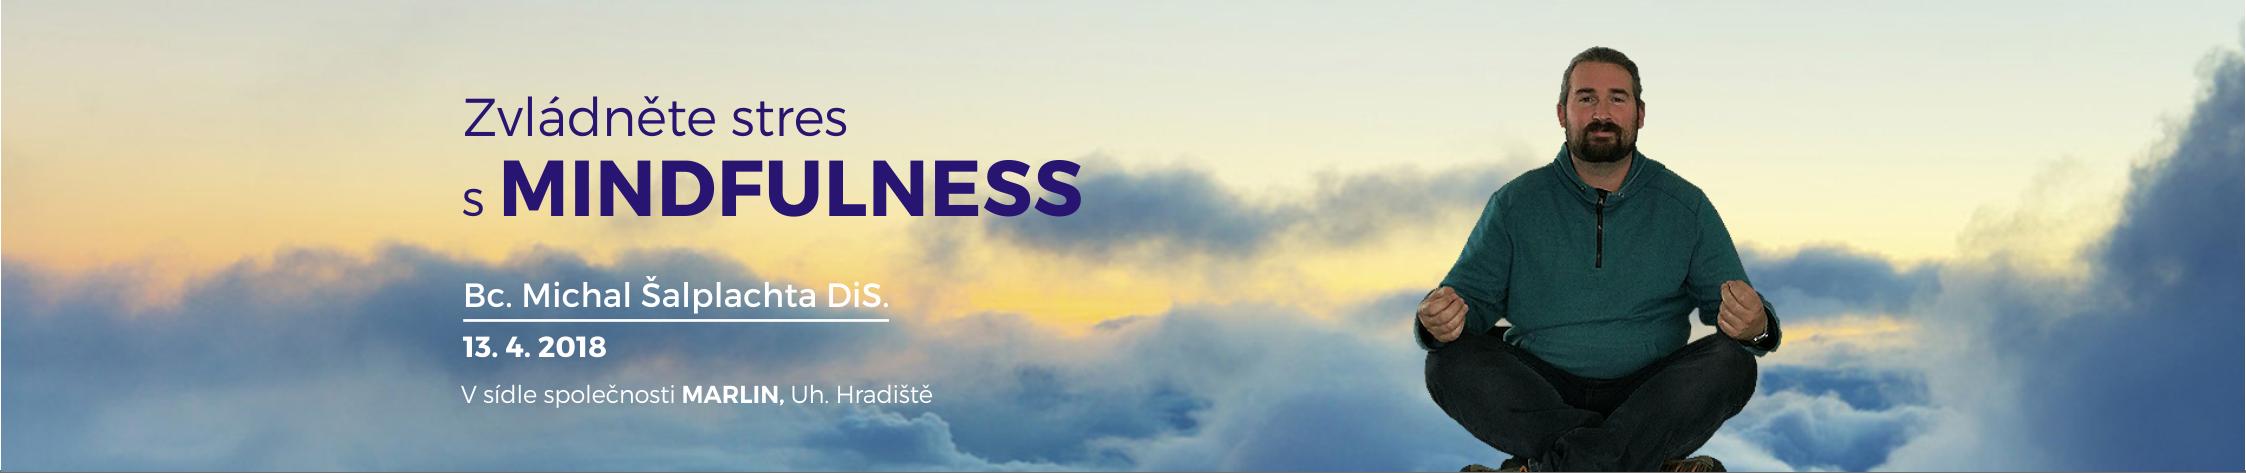 Zvládněte stres s mindfulness